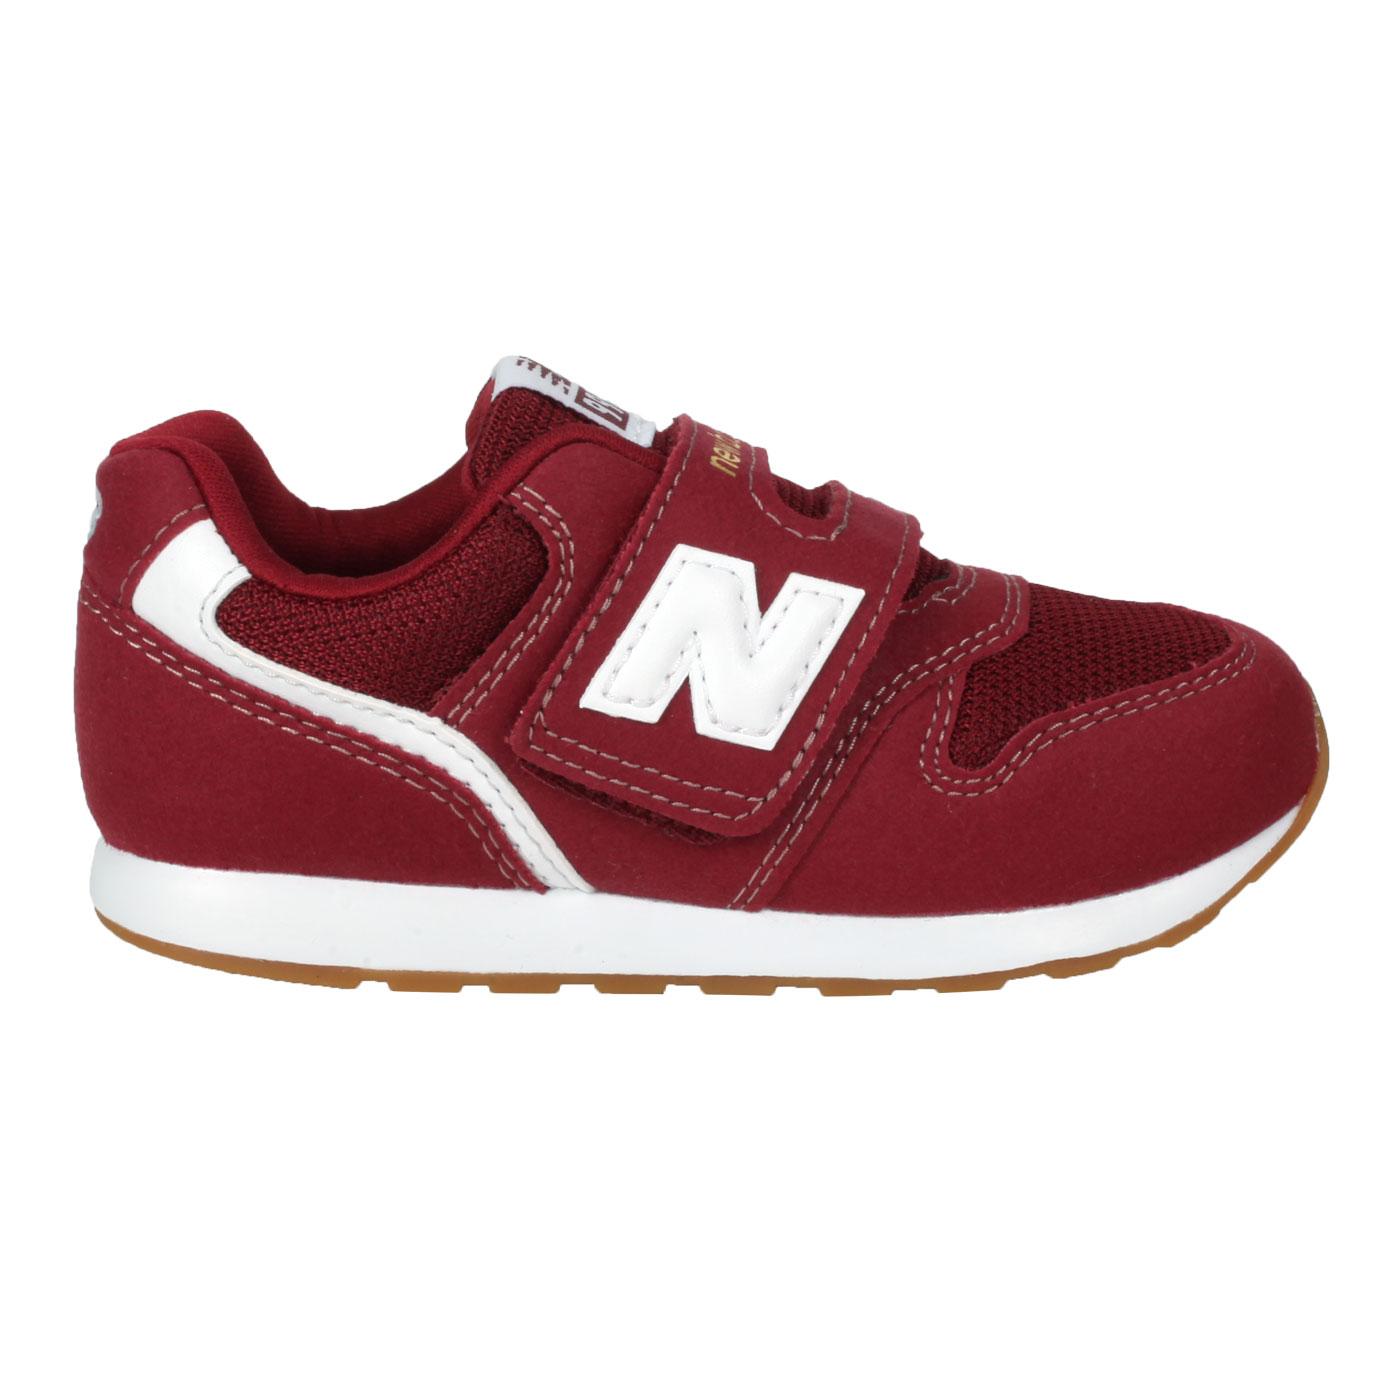 NEW BALANCE 小童休閒運動鞋-WIDE IZ996CPH - 酒紅白